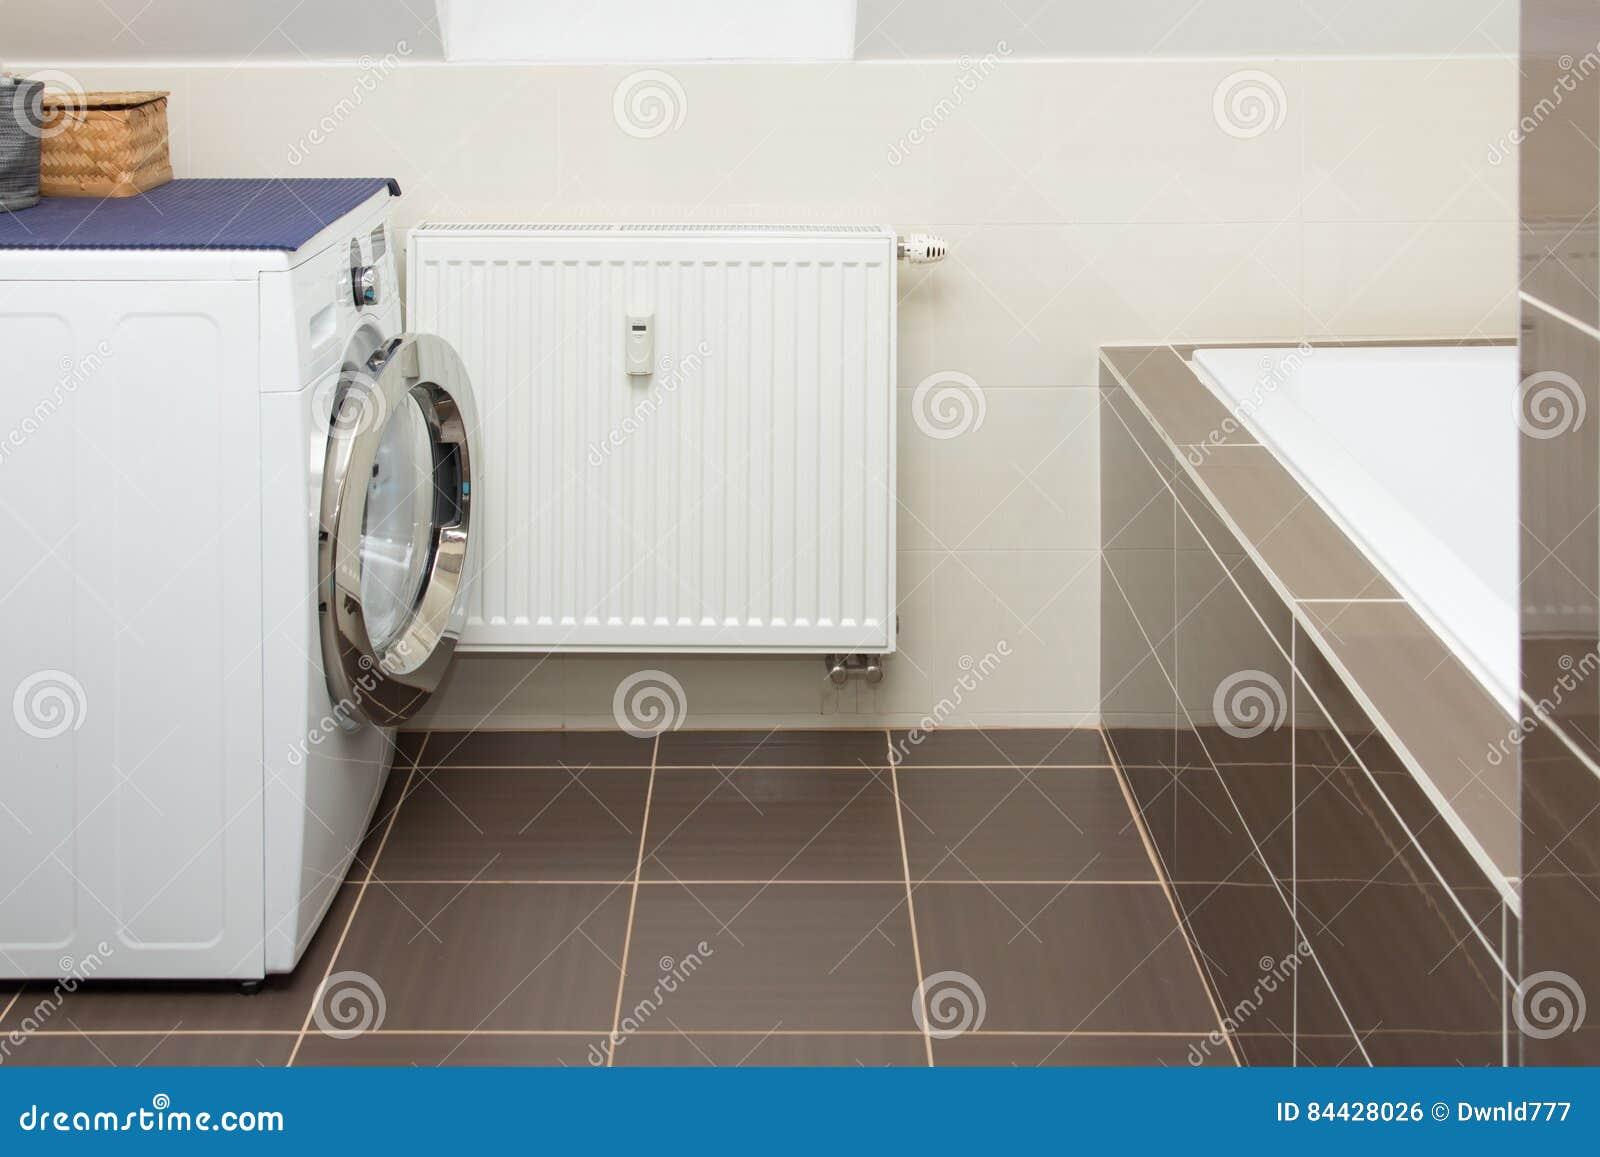 Waschmaschine Im Badezimmer Stockfoto - Bild von niemand ...